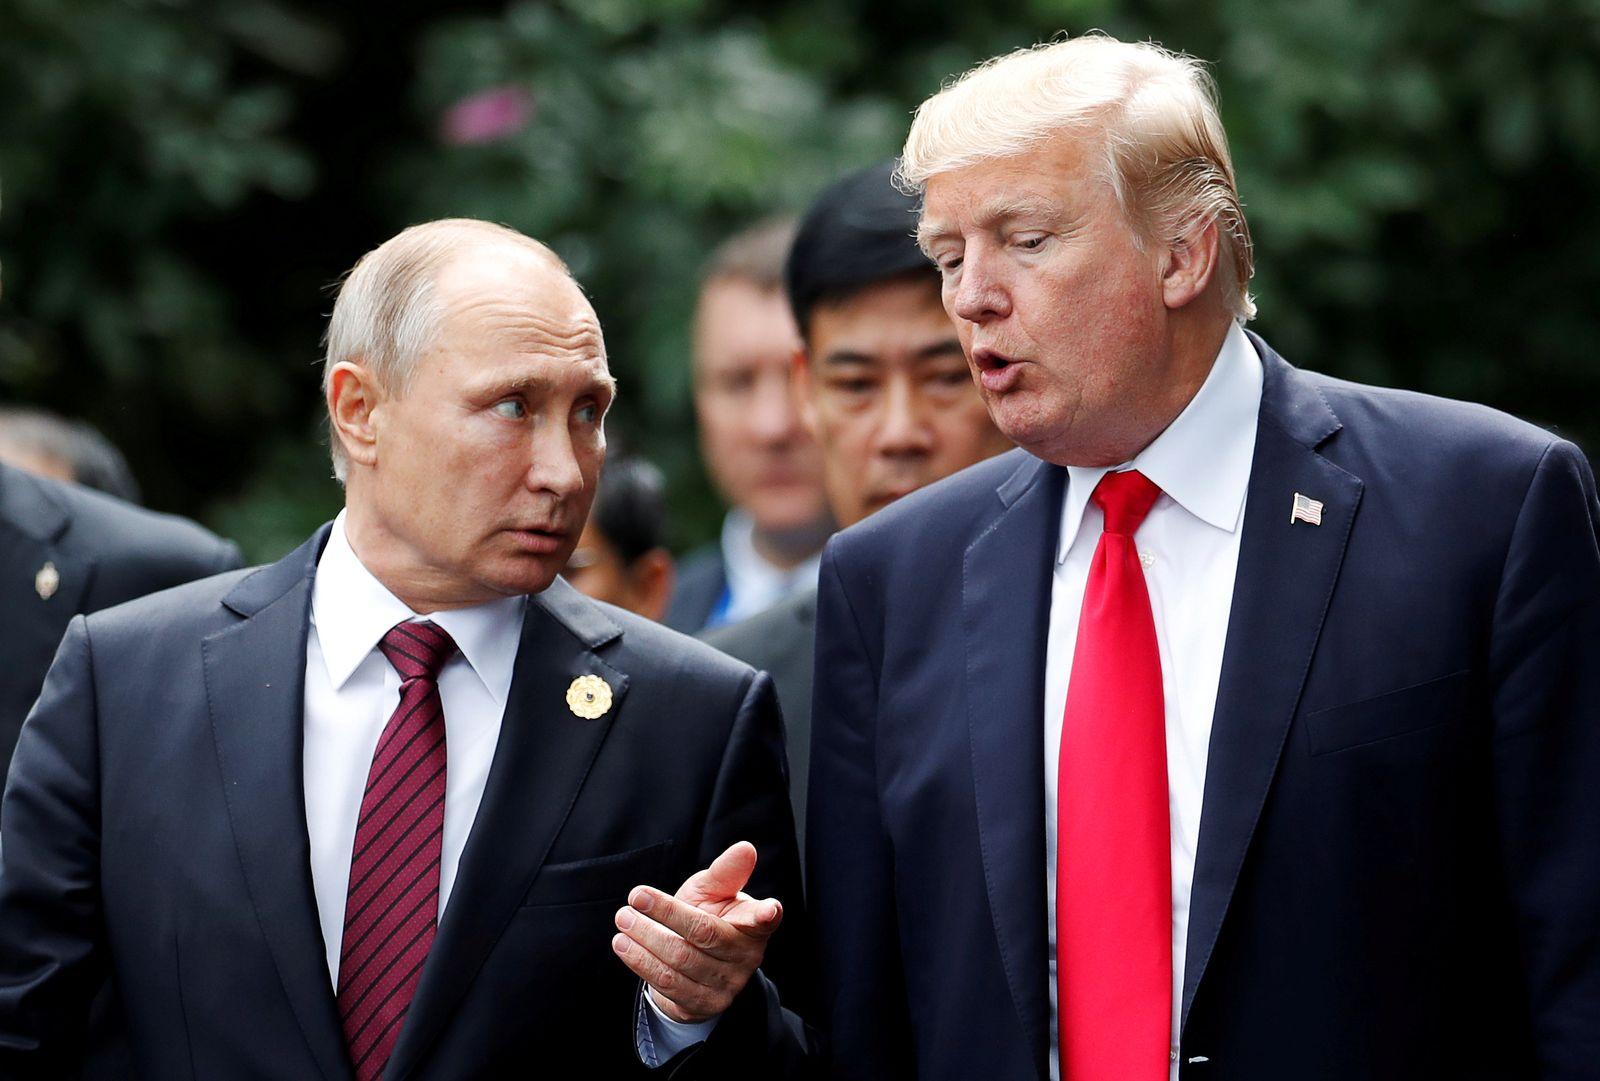 Putin/ Trump